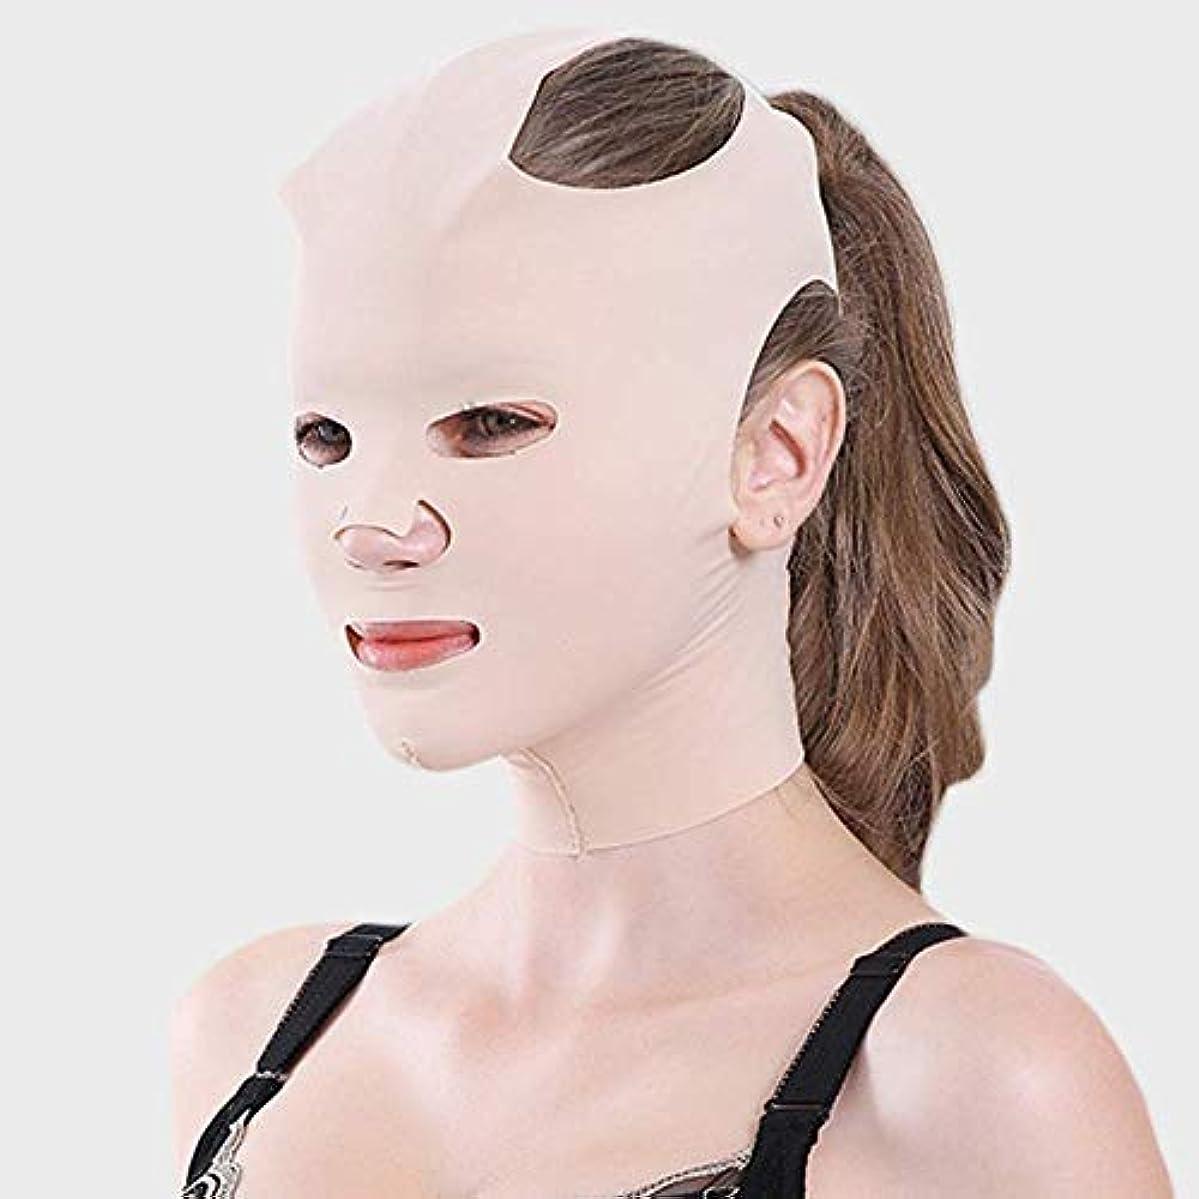 実行認証望ましいHUYYA フェイスマスク、フェイスリフティング包帯 V字ベルト補正ベルト ダブルチンヘルスケア,Flesh_Small